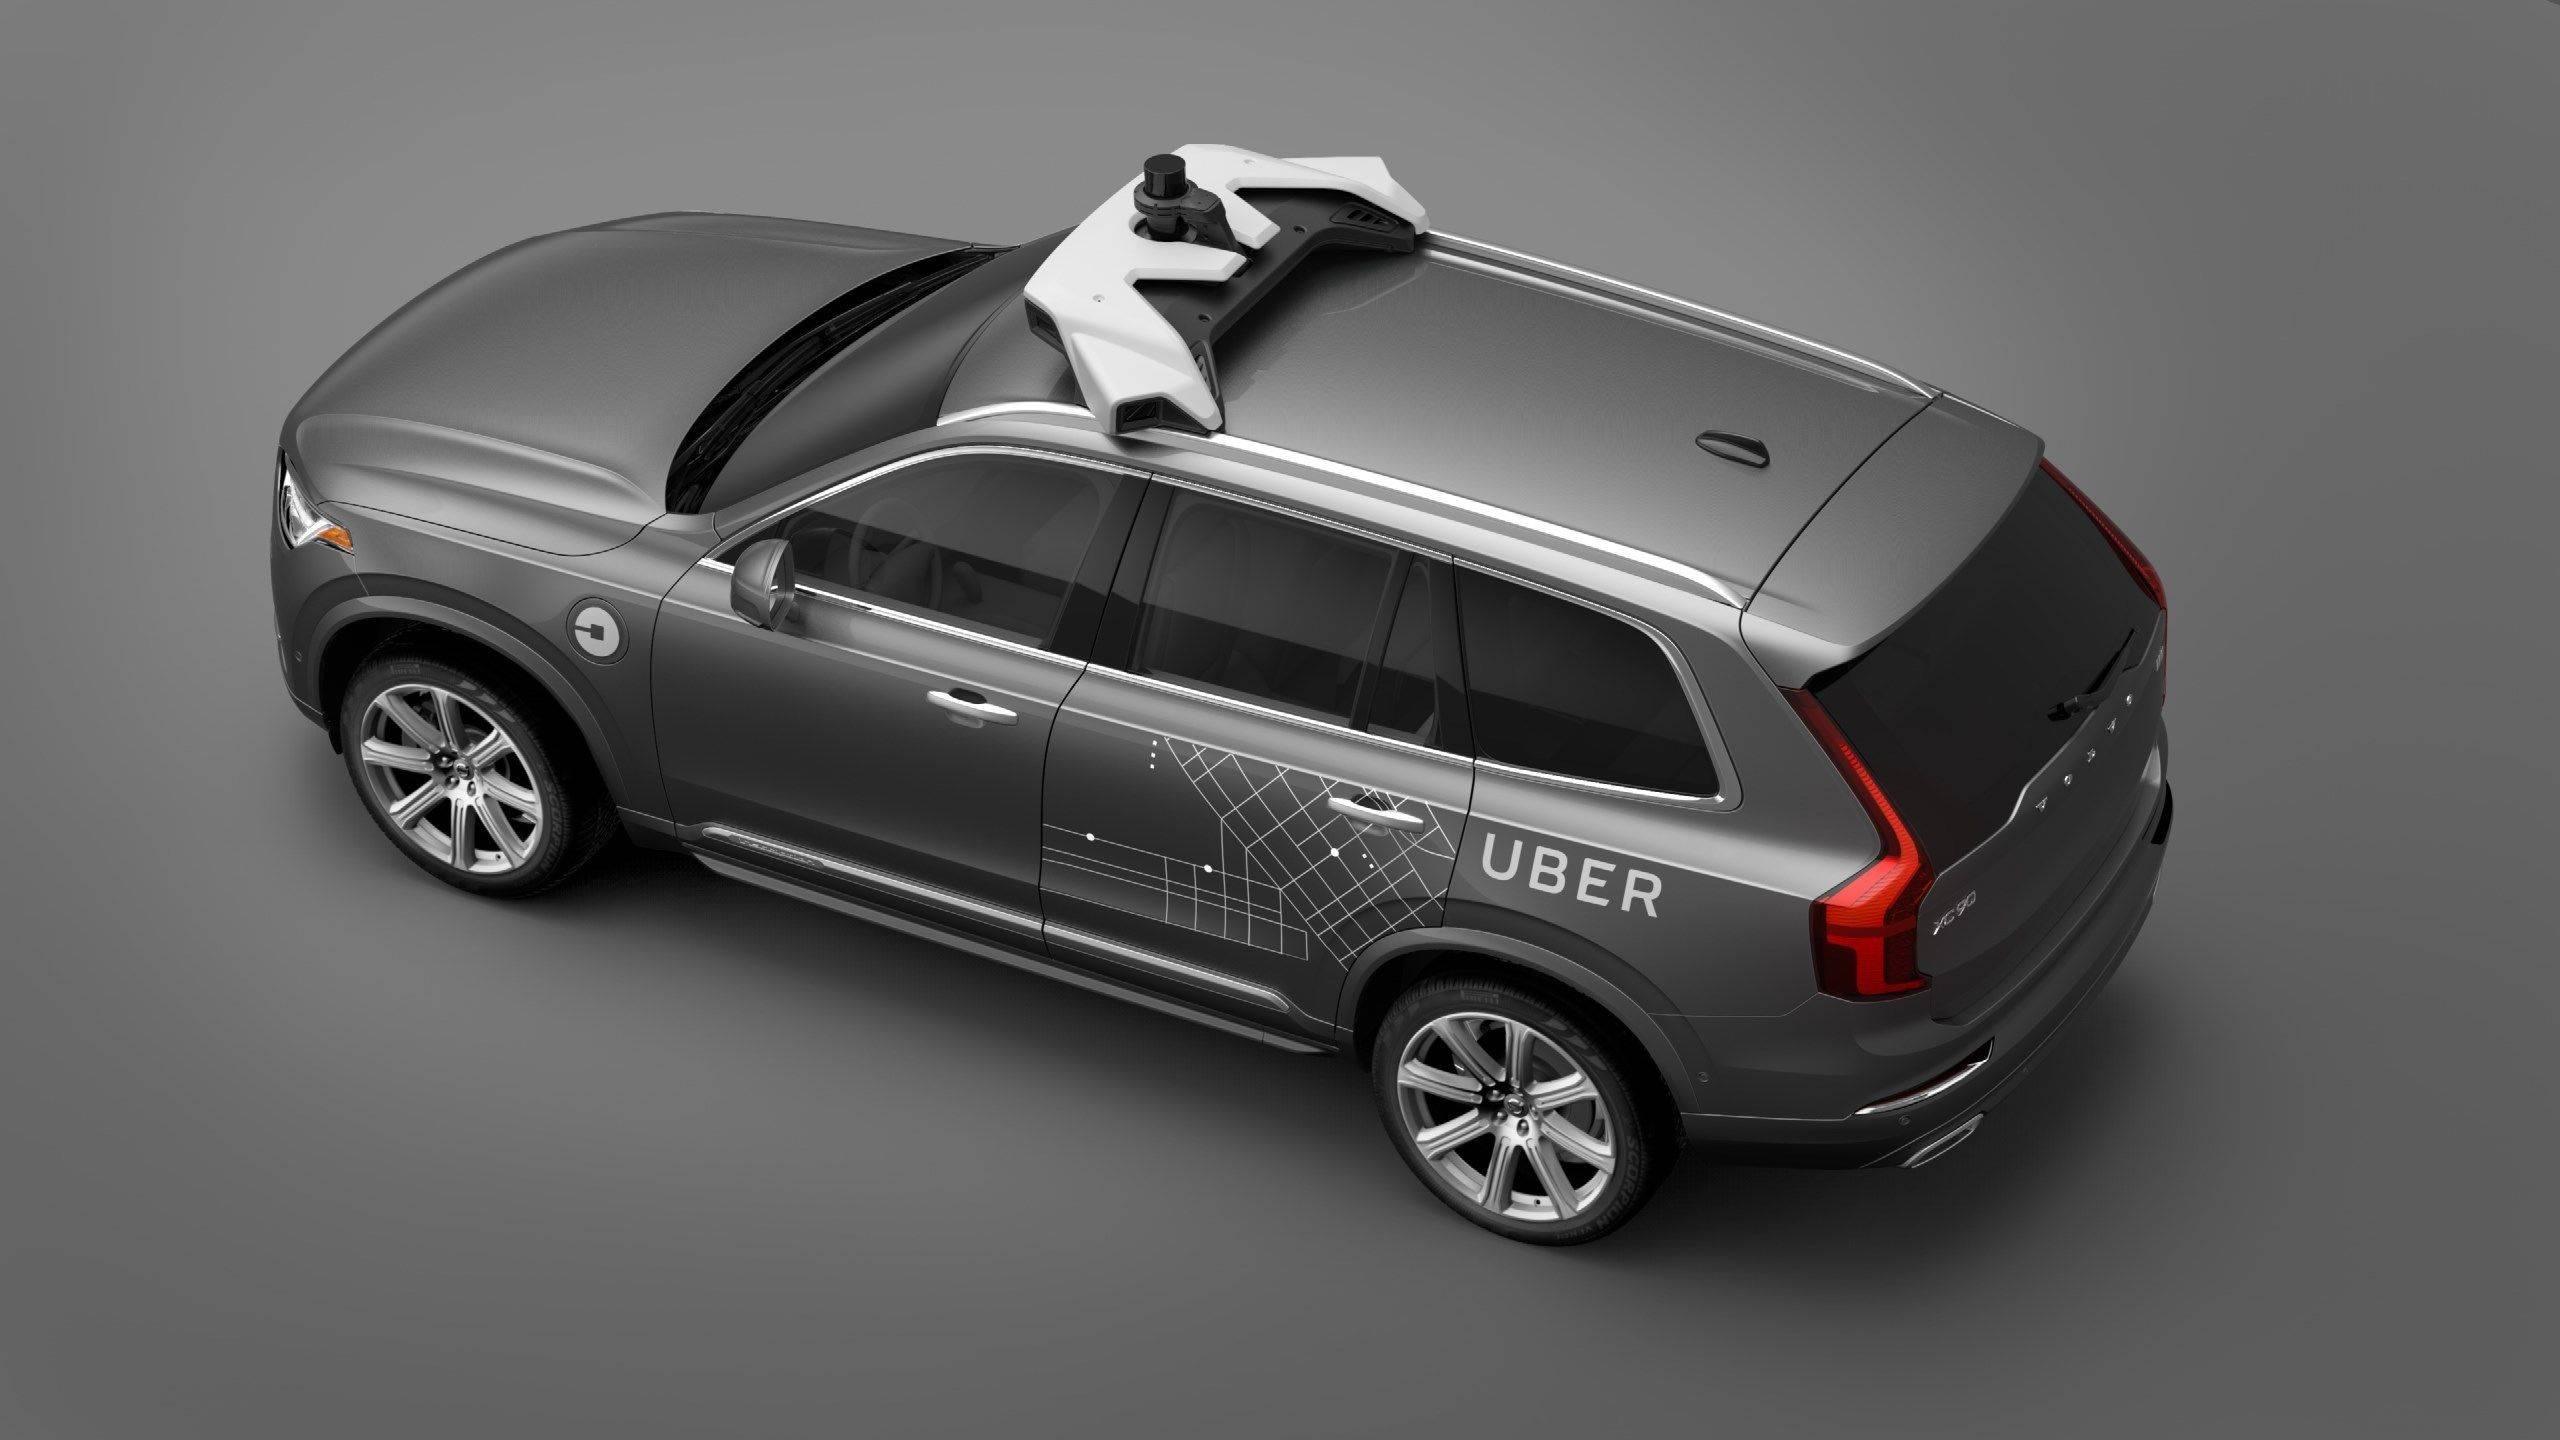 与全球领先的共享出行公司优步(Uber)达成合作,标志着沃尔沃已经登上自动驾驶技术变革的中心舞台.jpg